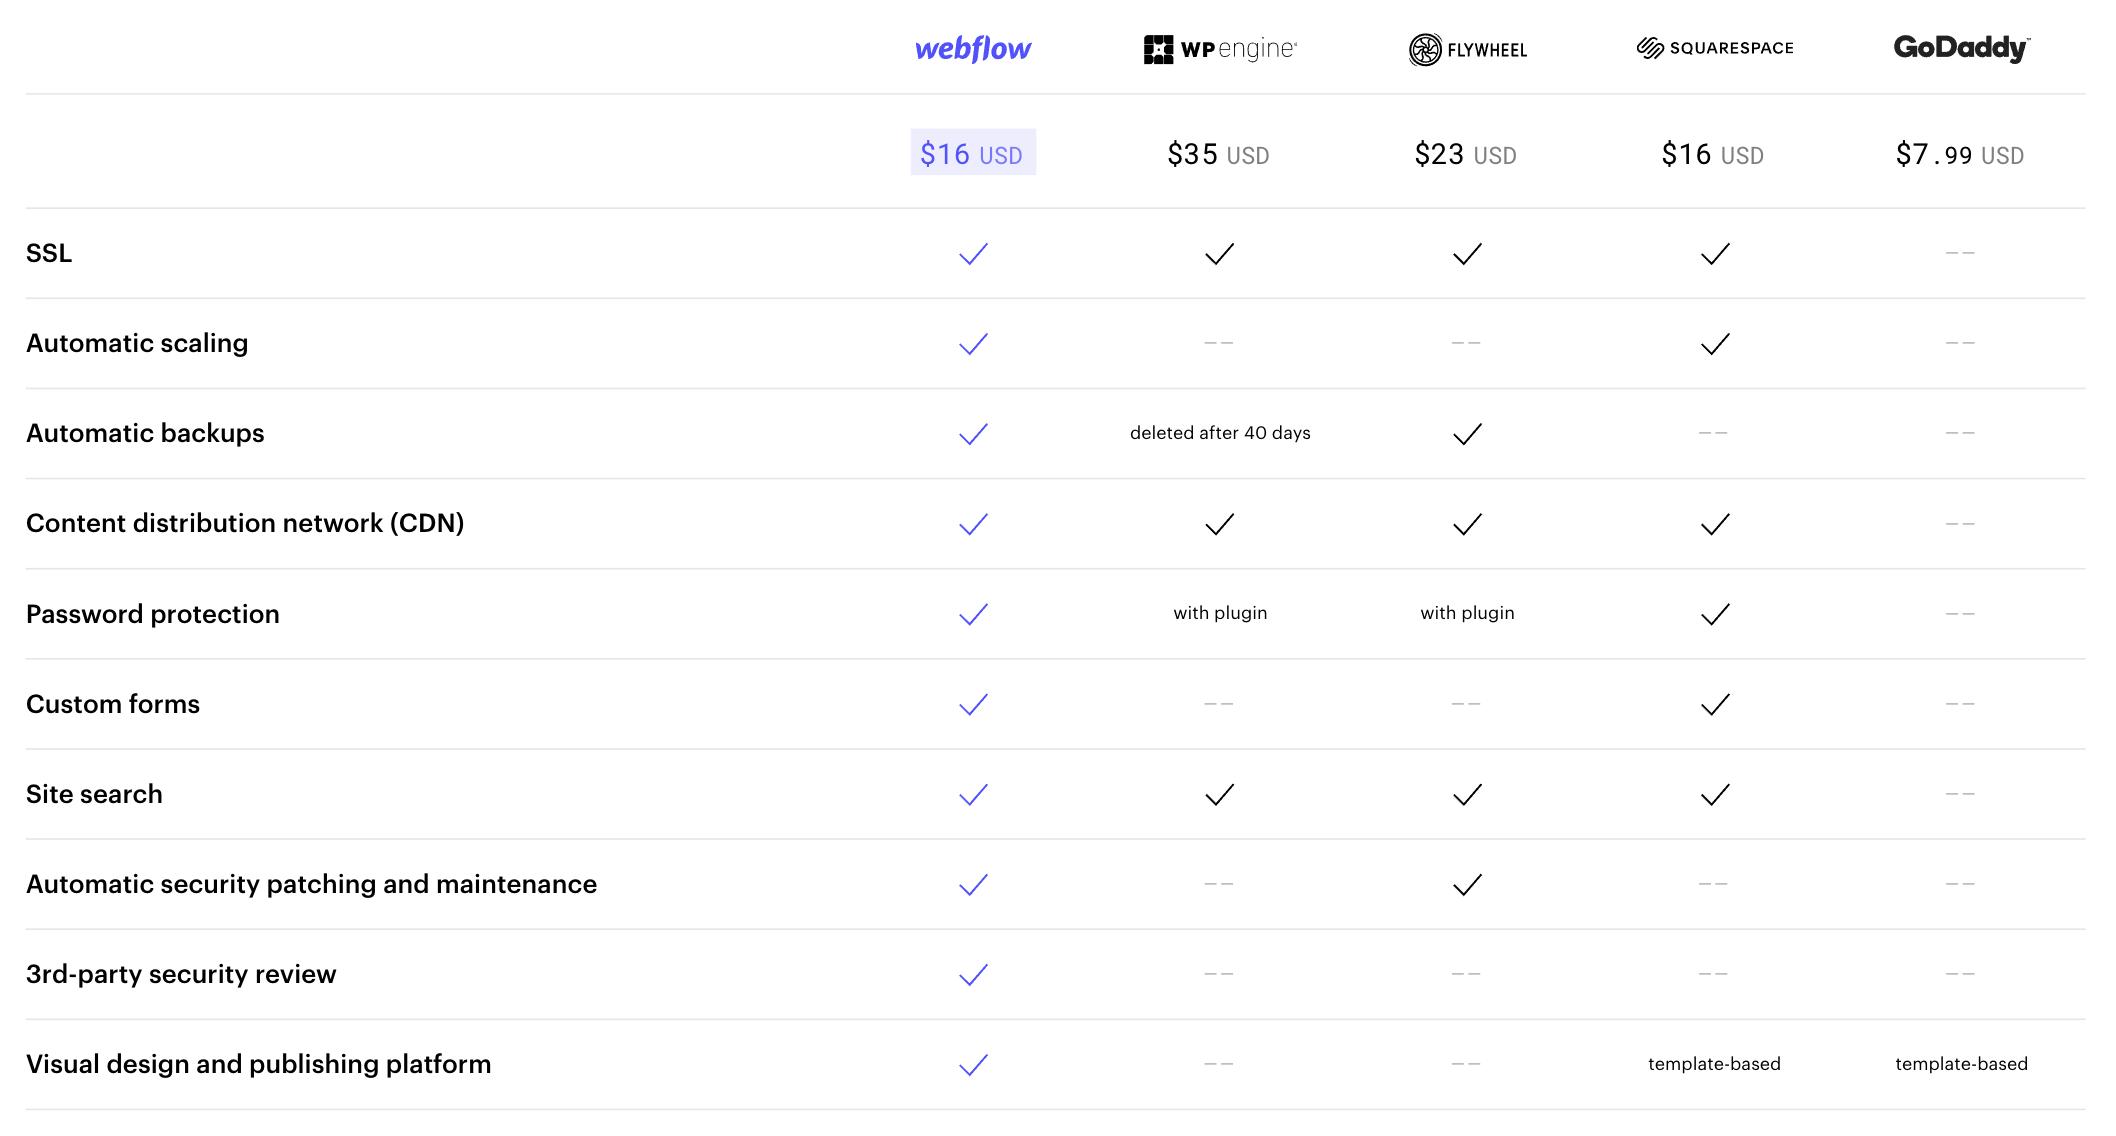 Webflow hosting plans comparison table